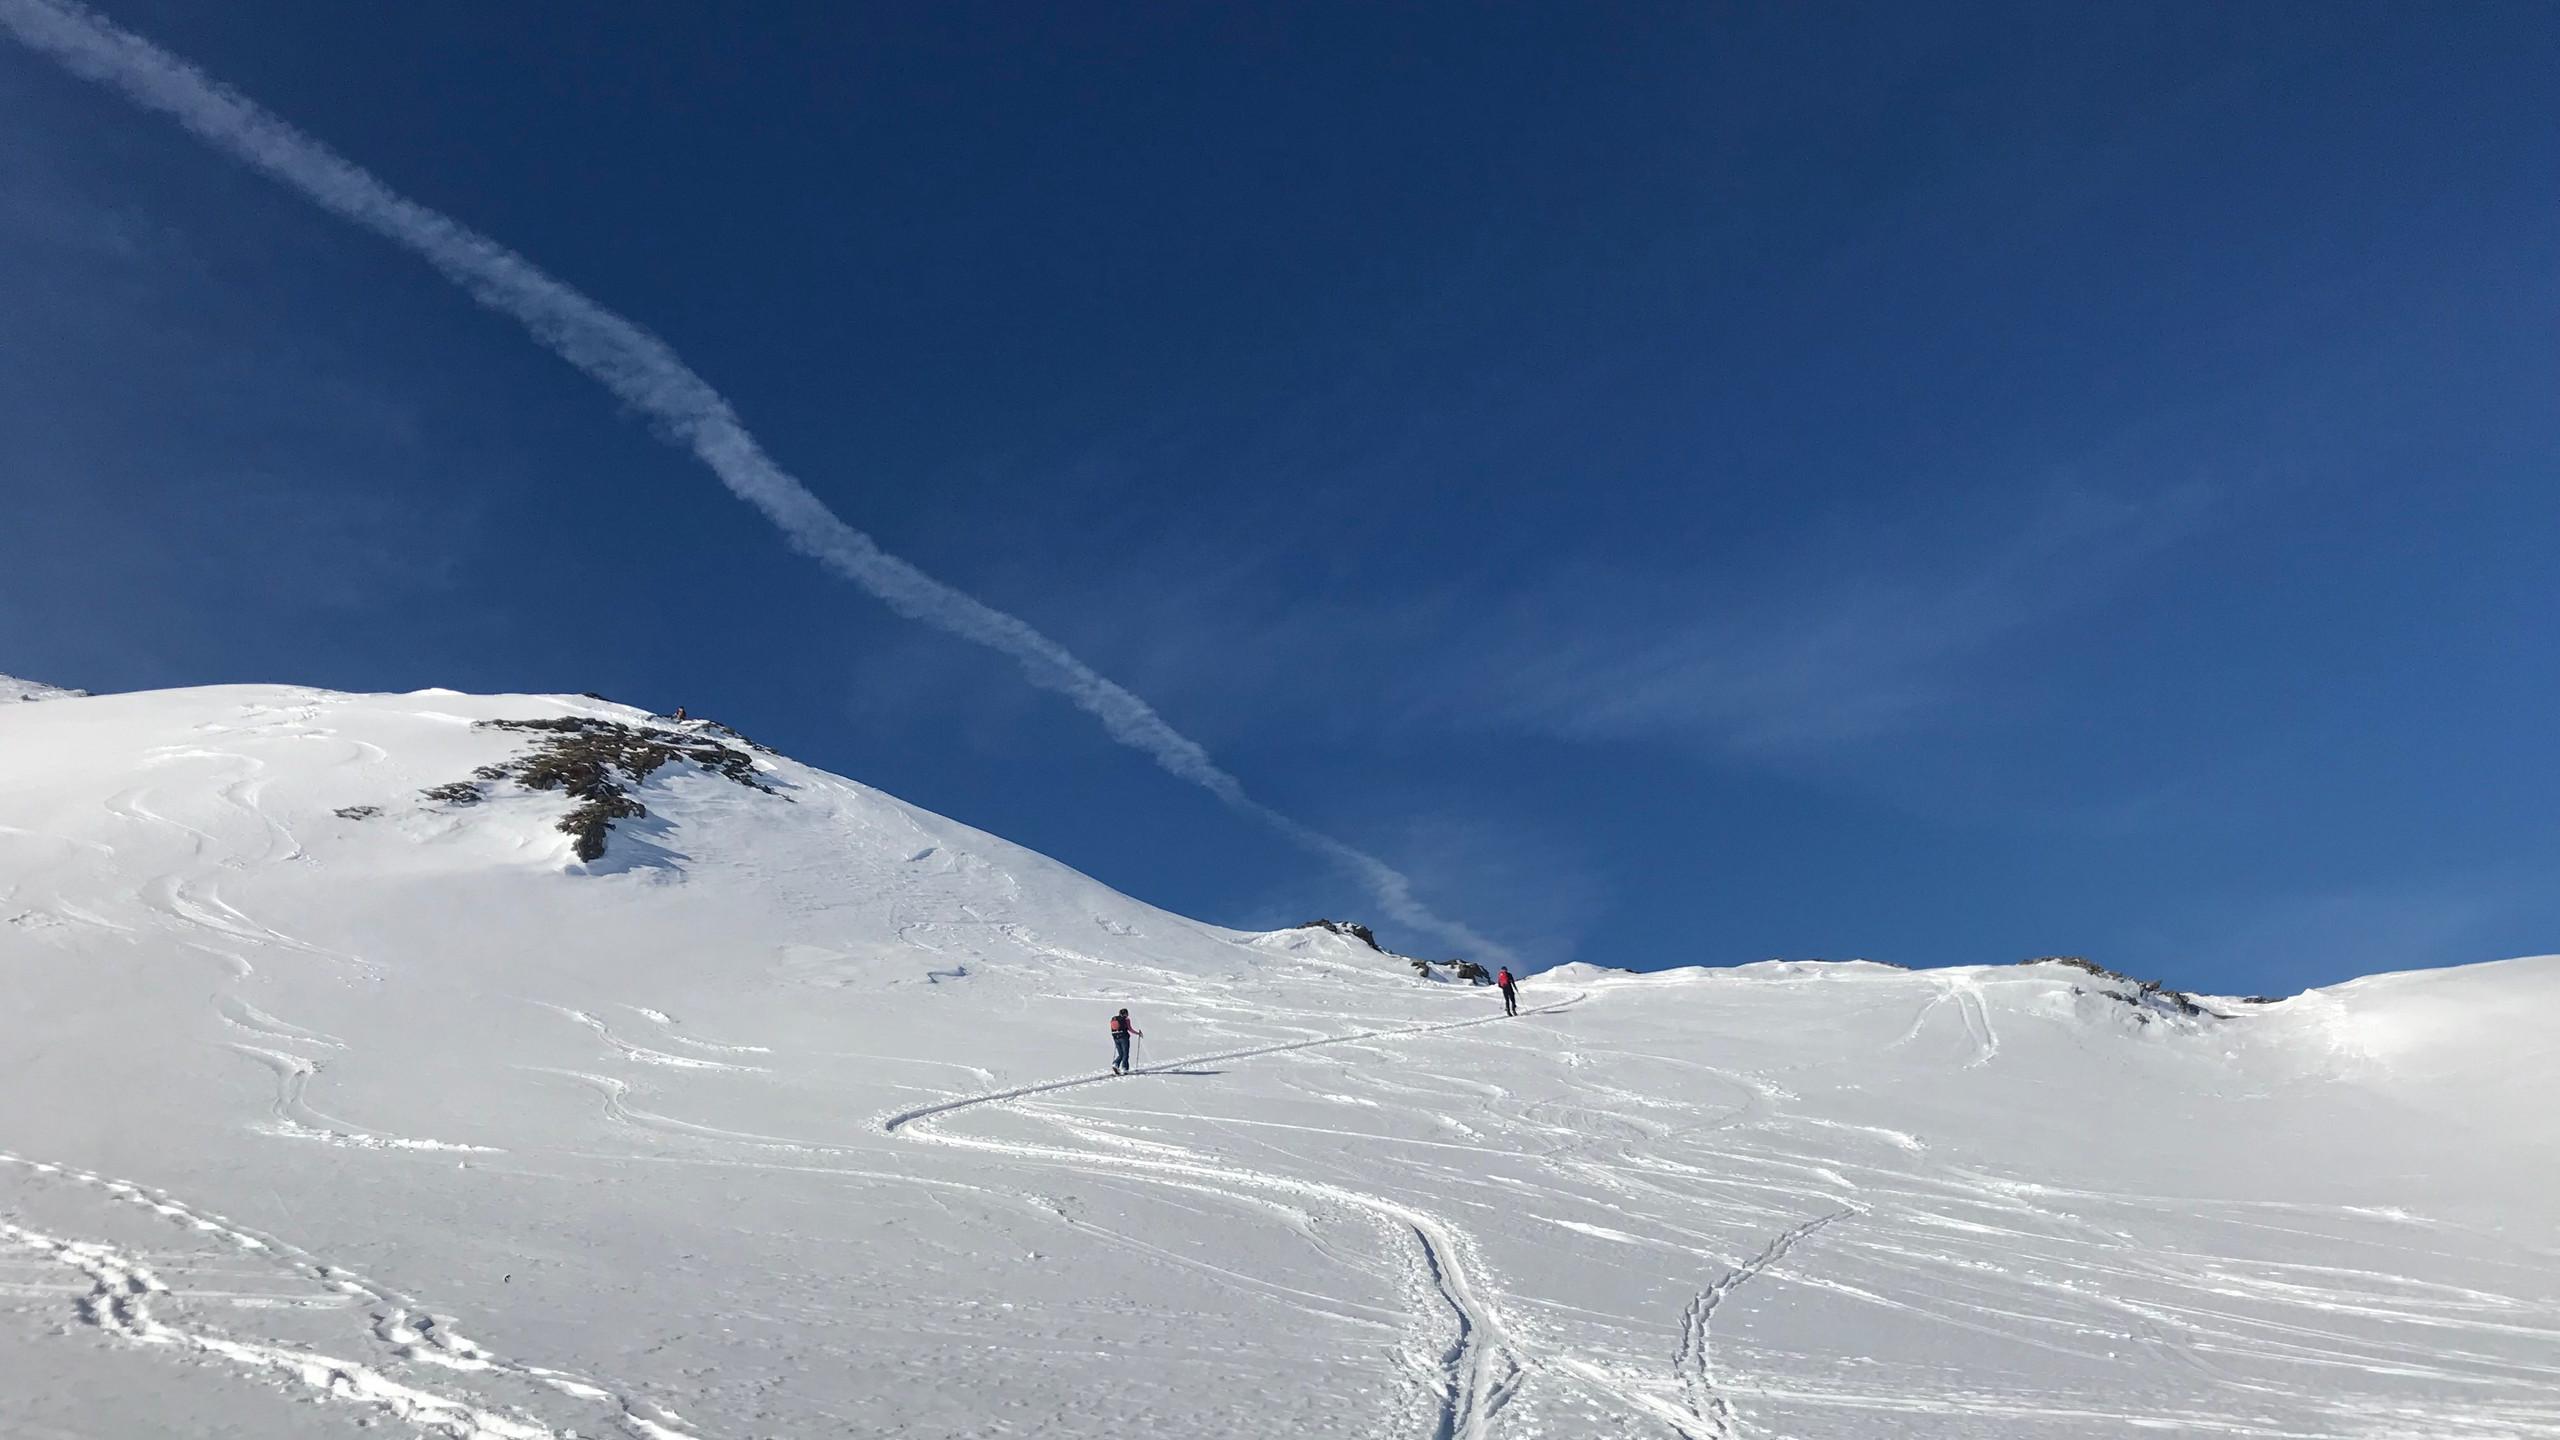 Letzter Aufstieg zum Gipfel